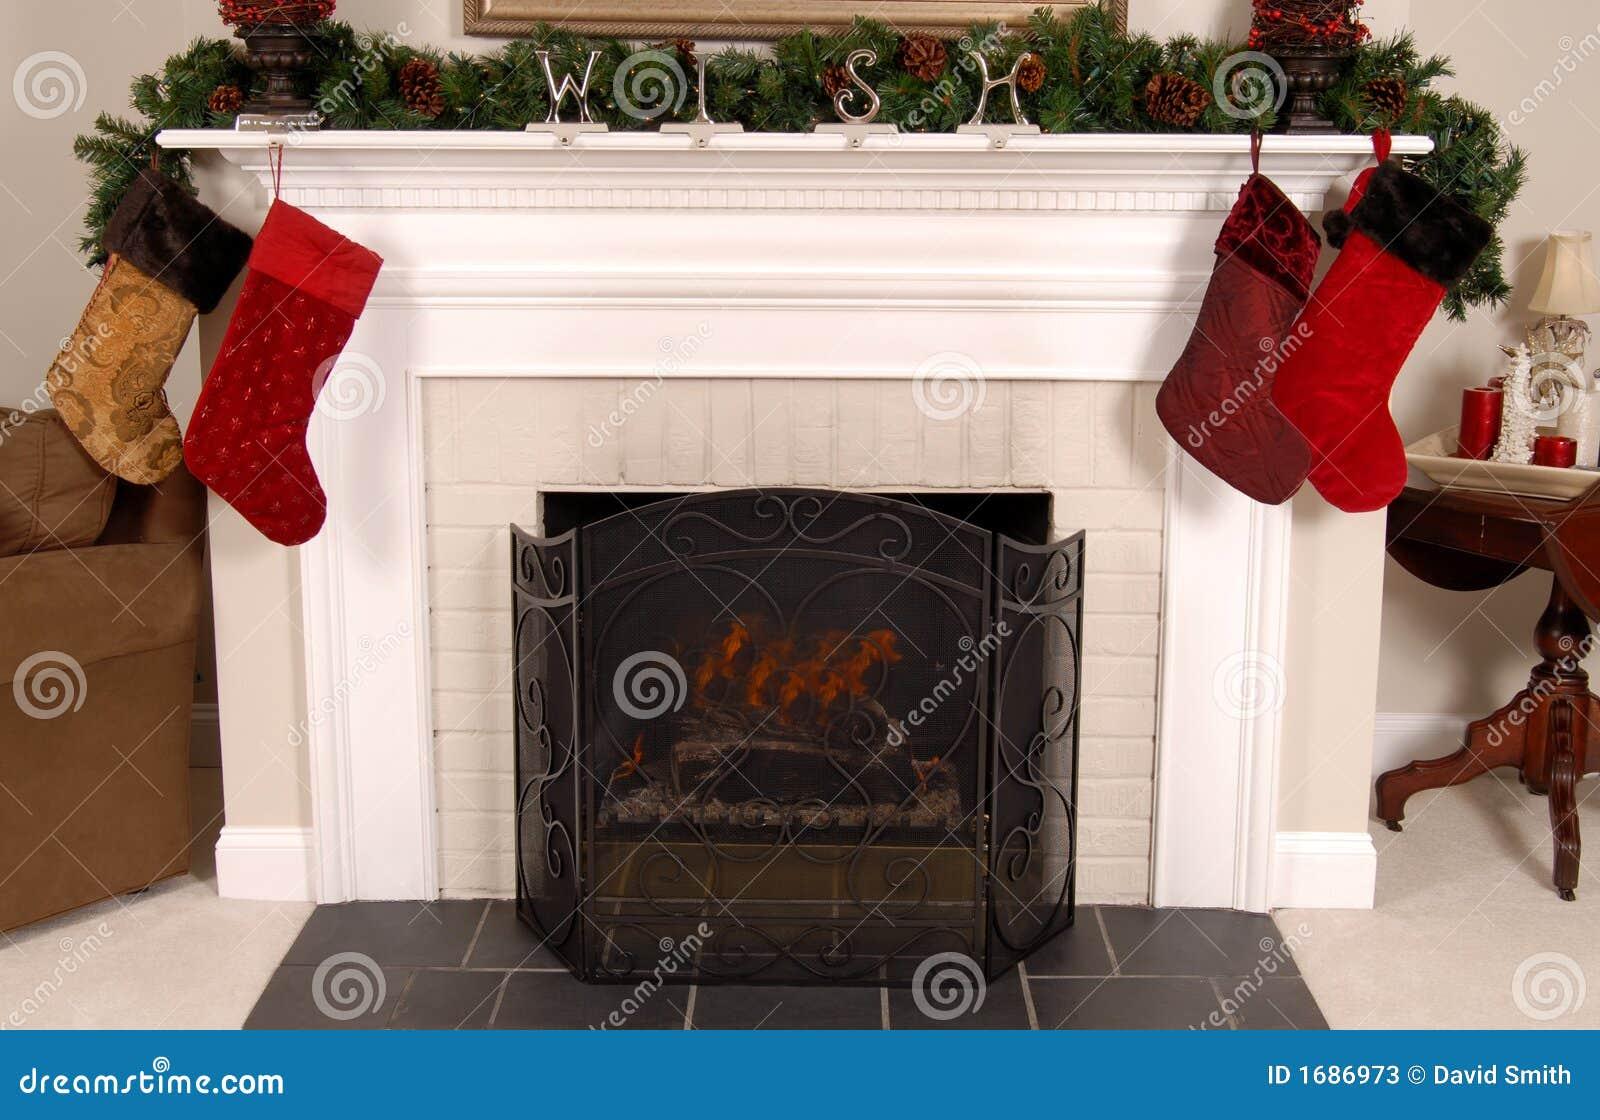 Chimenea blanca adornada para la navidad imagen de archivo for Decorazione camino